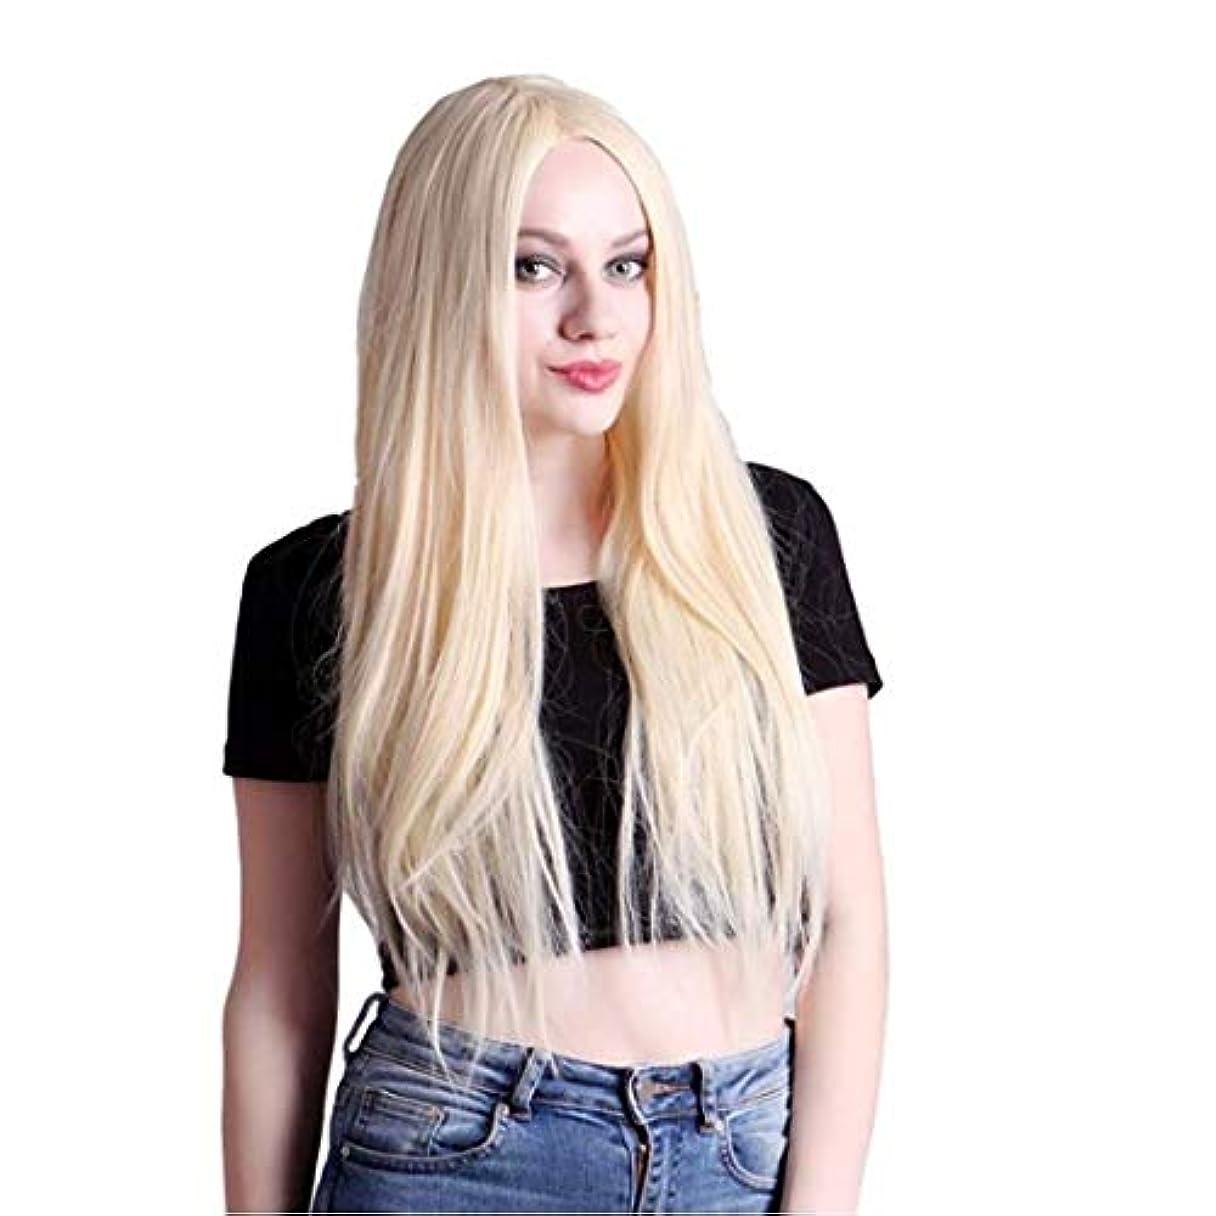 銀行褒賞締めるKerwinner レディースウィッグ夏スタイルの完璧なヘアラインルートウィッグ人工毛フロントレースかつらすべての肌のトーンのシルクストレートヘア